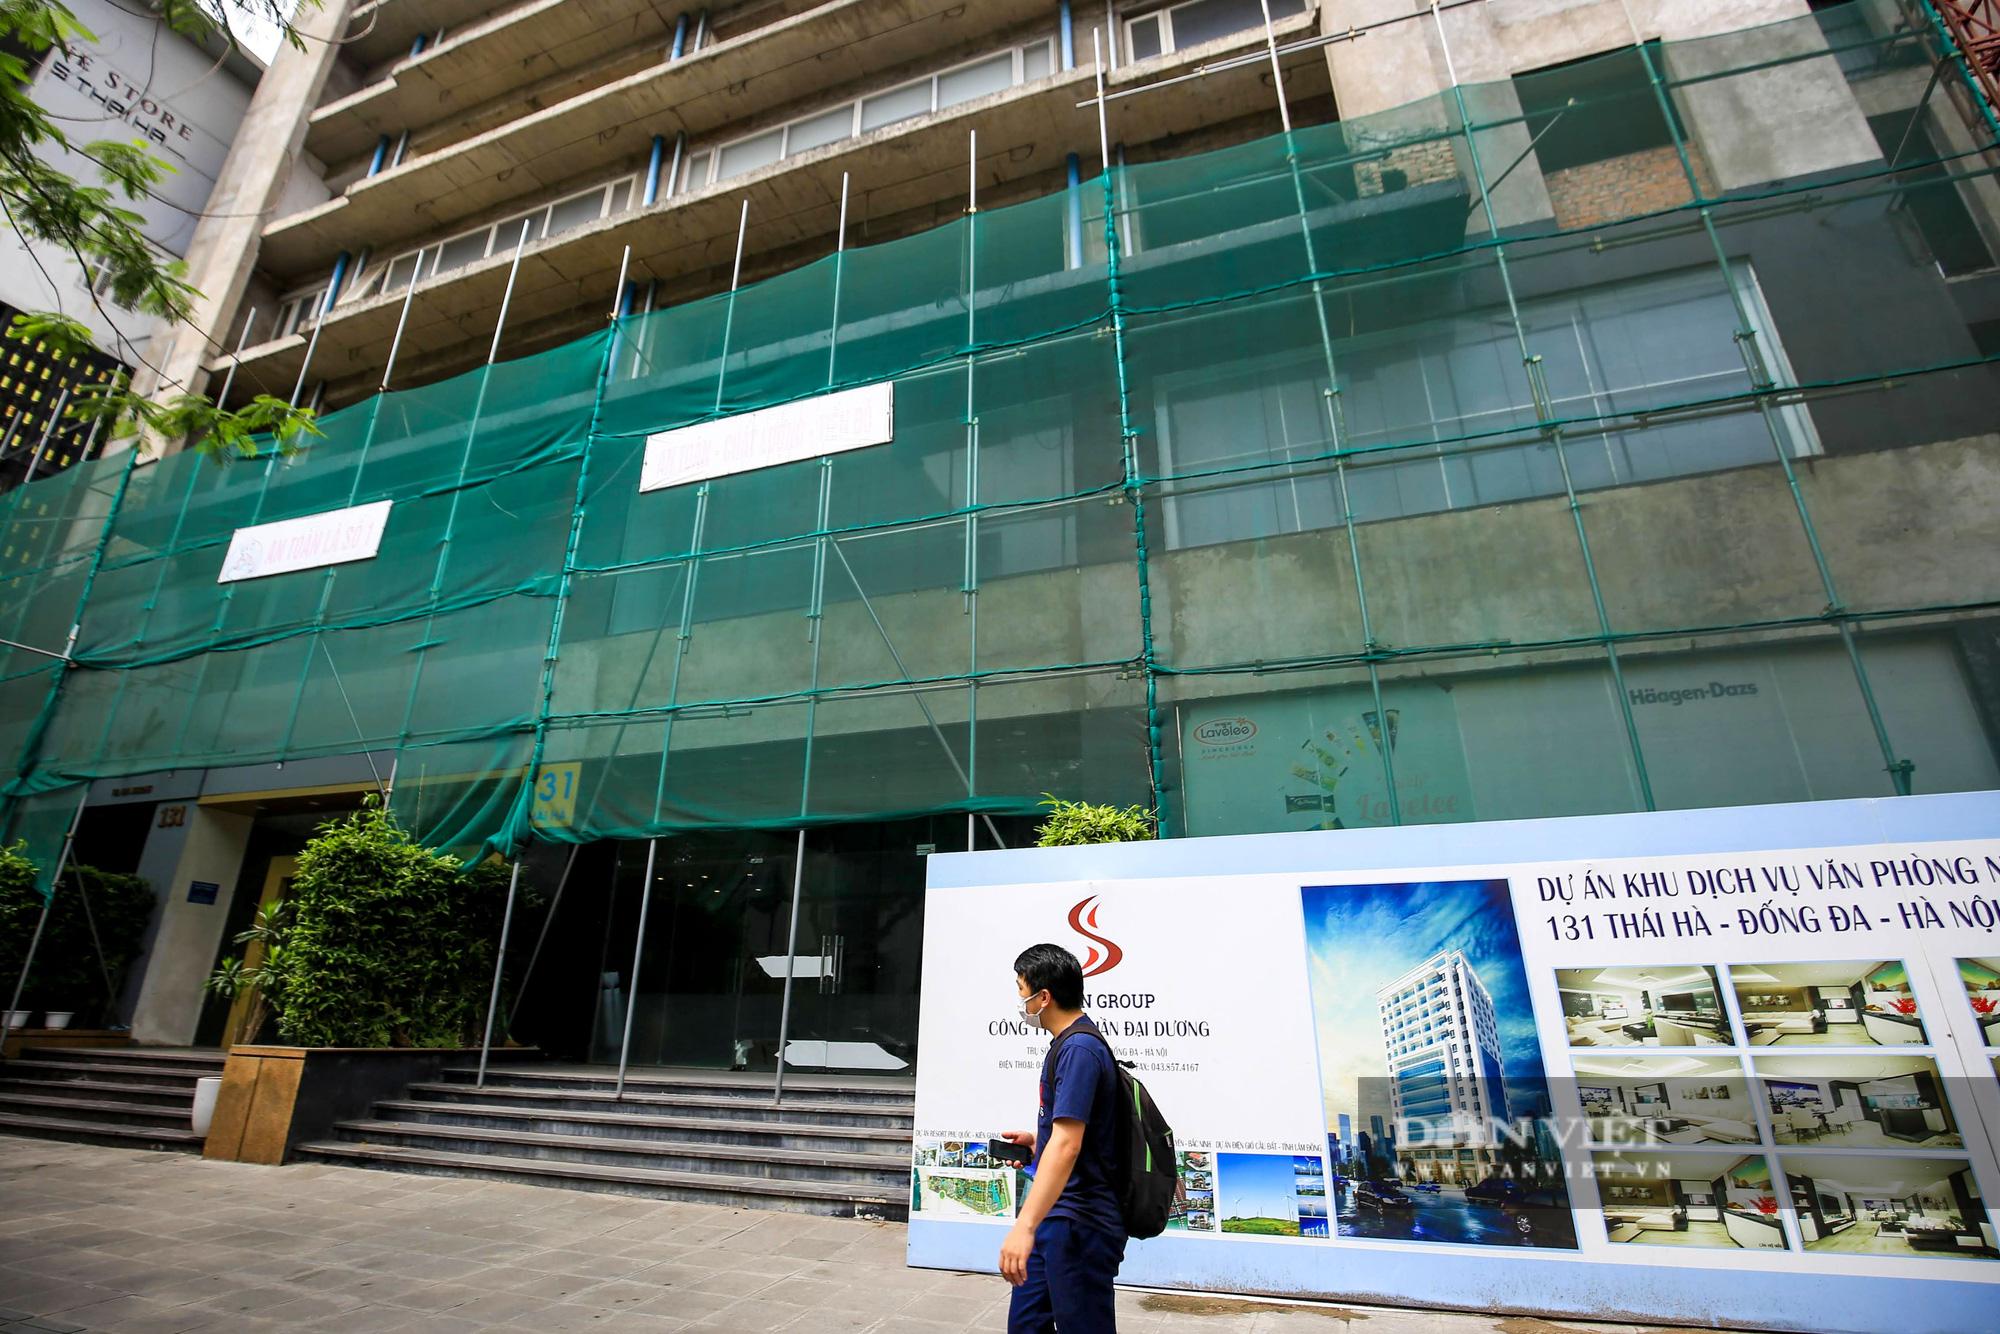 """Toàn cảnh dự án cao ốc 131 Thái Hà bị """"lãng quên"""" hơn 1 thập kỷ - Ảnh 8."""